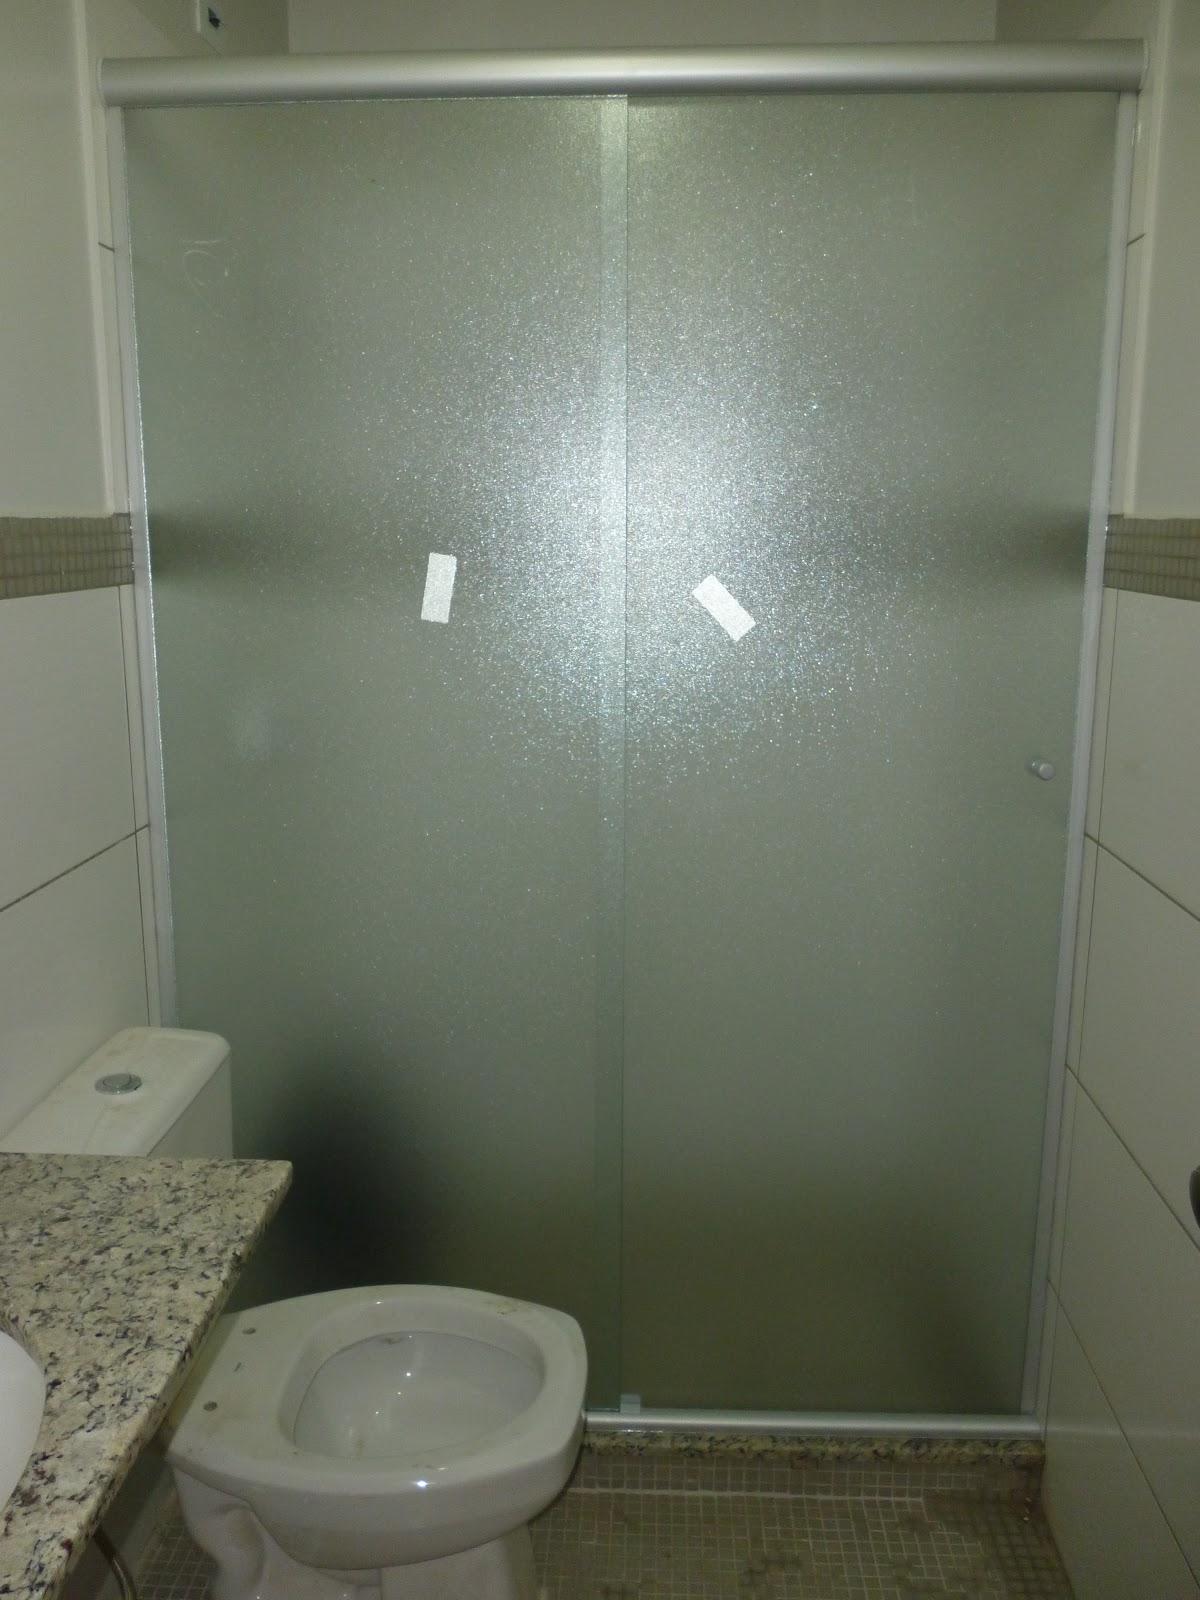 Imagens de #3E402E ABIC Vidraçaria Soluções em vidros: Agosto 2012 1200x1600 px 2548 Box Banheiro Vidro Fosco